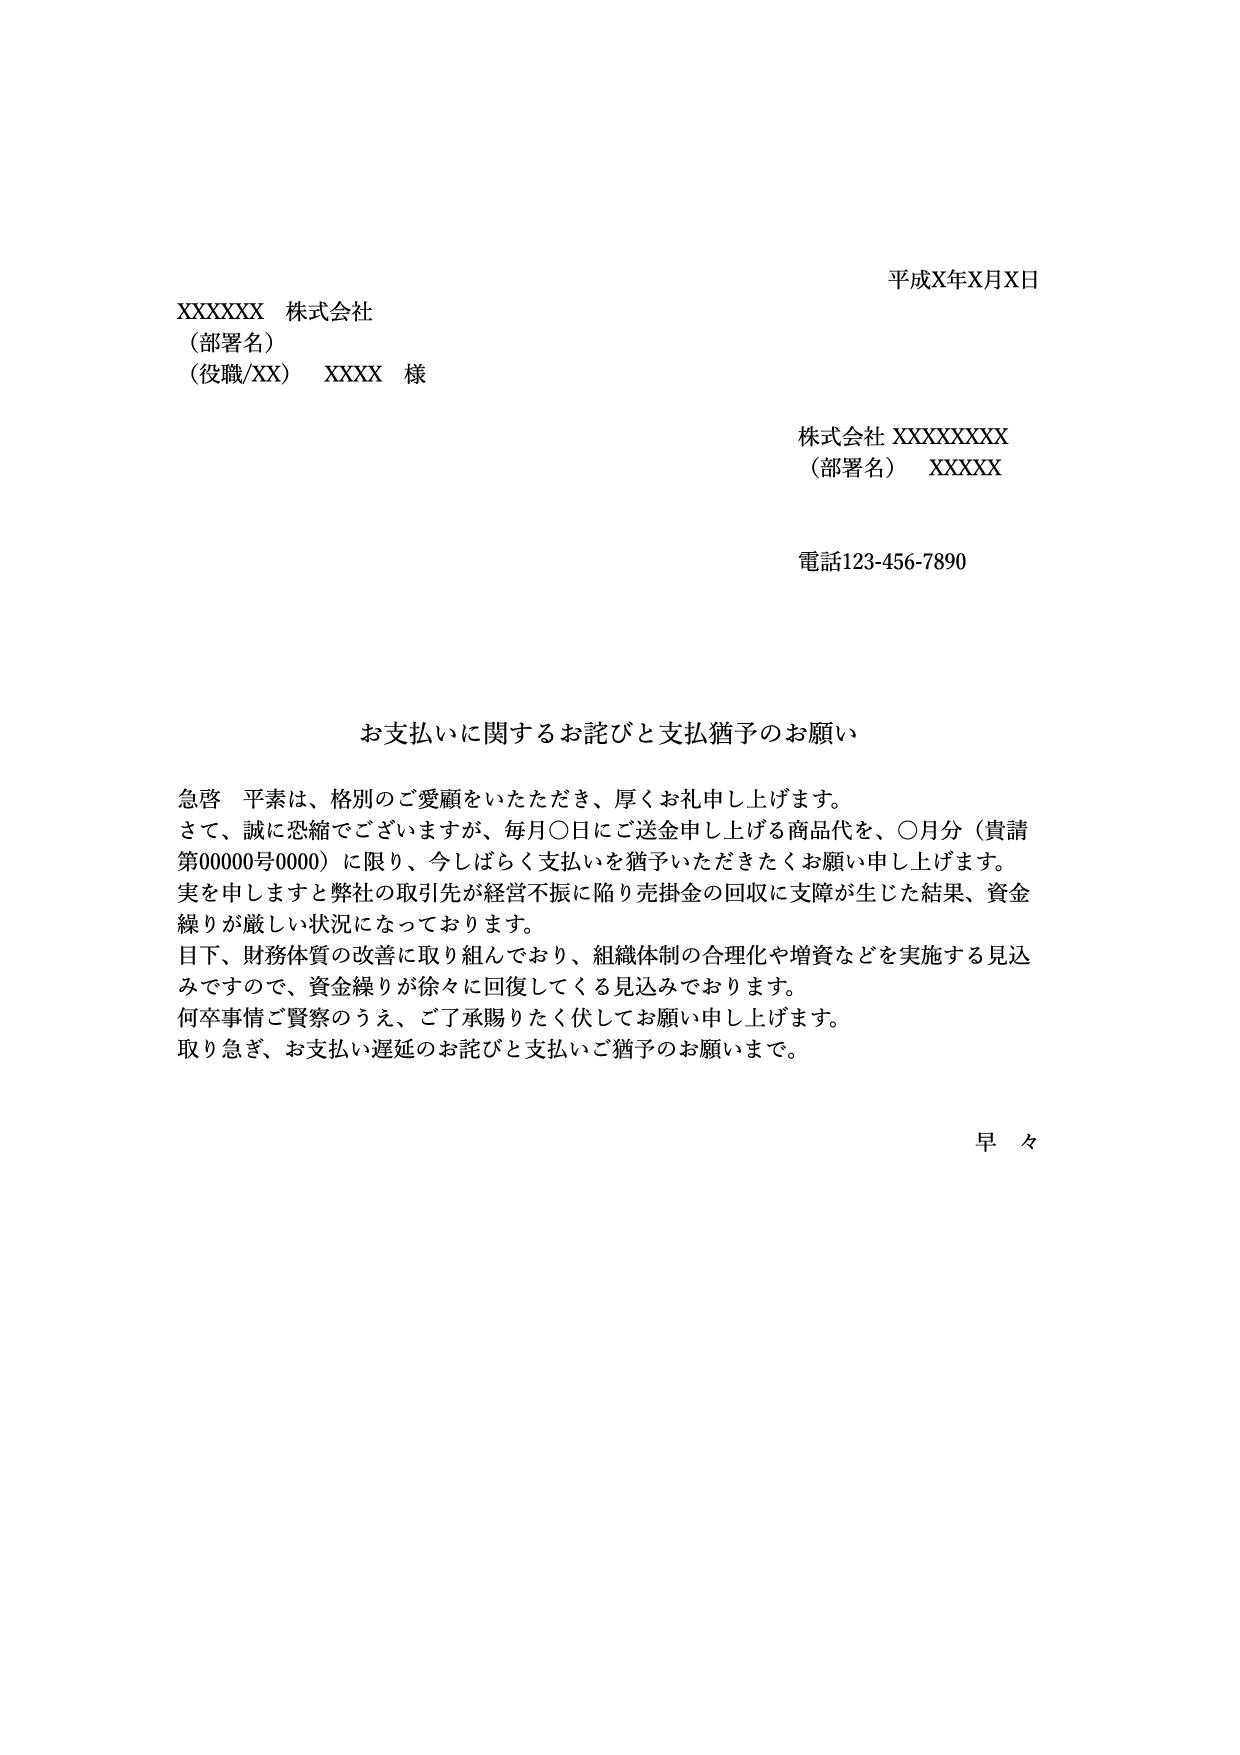 詫び状テンプレート_謝罪、支払い遅延(ワード・ページズ)